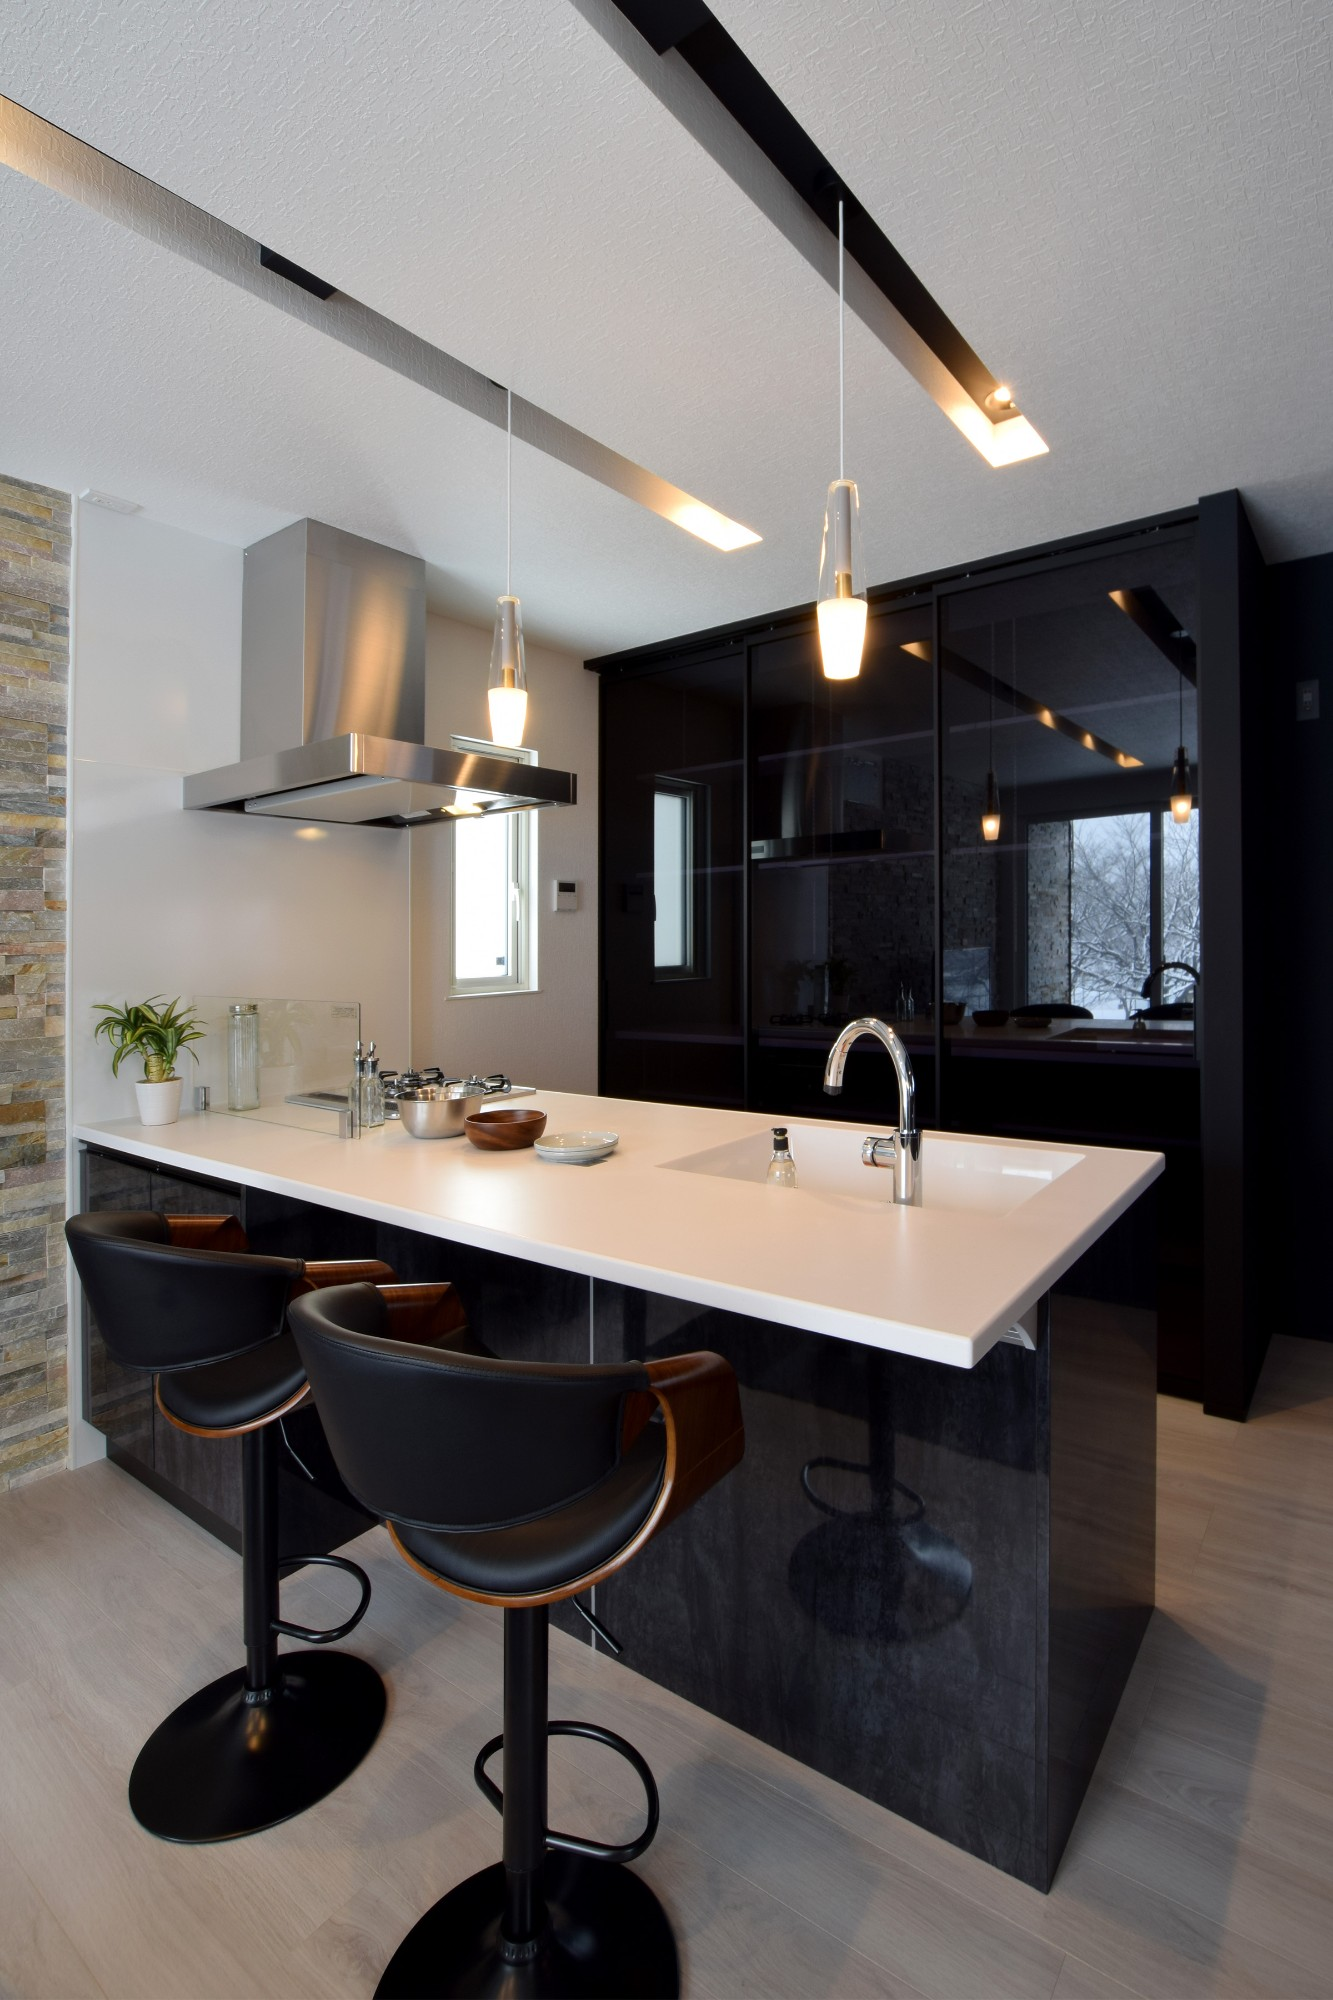 DETAIL HOME(ディテールホーム)「趣味と風景をたのしむ家」のヴィンテージなキッチンの実例写真